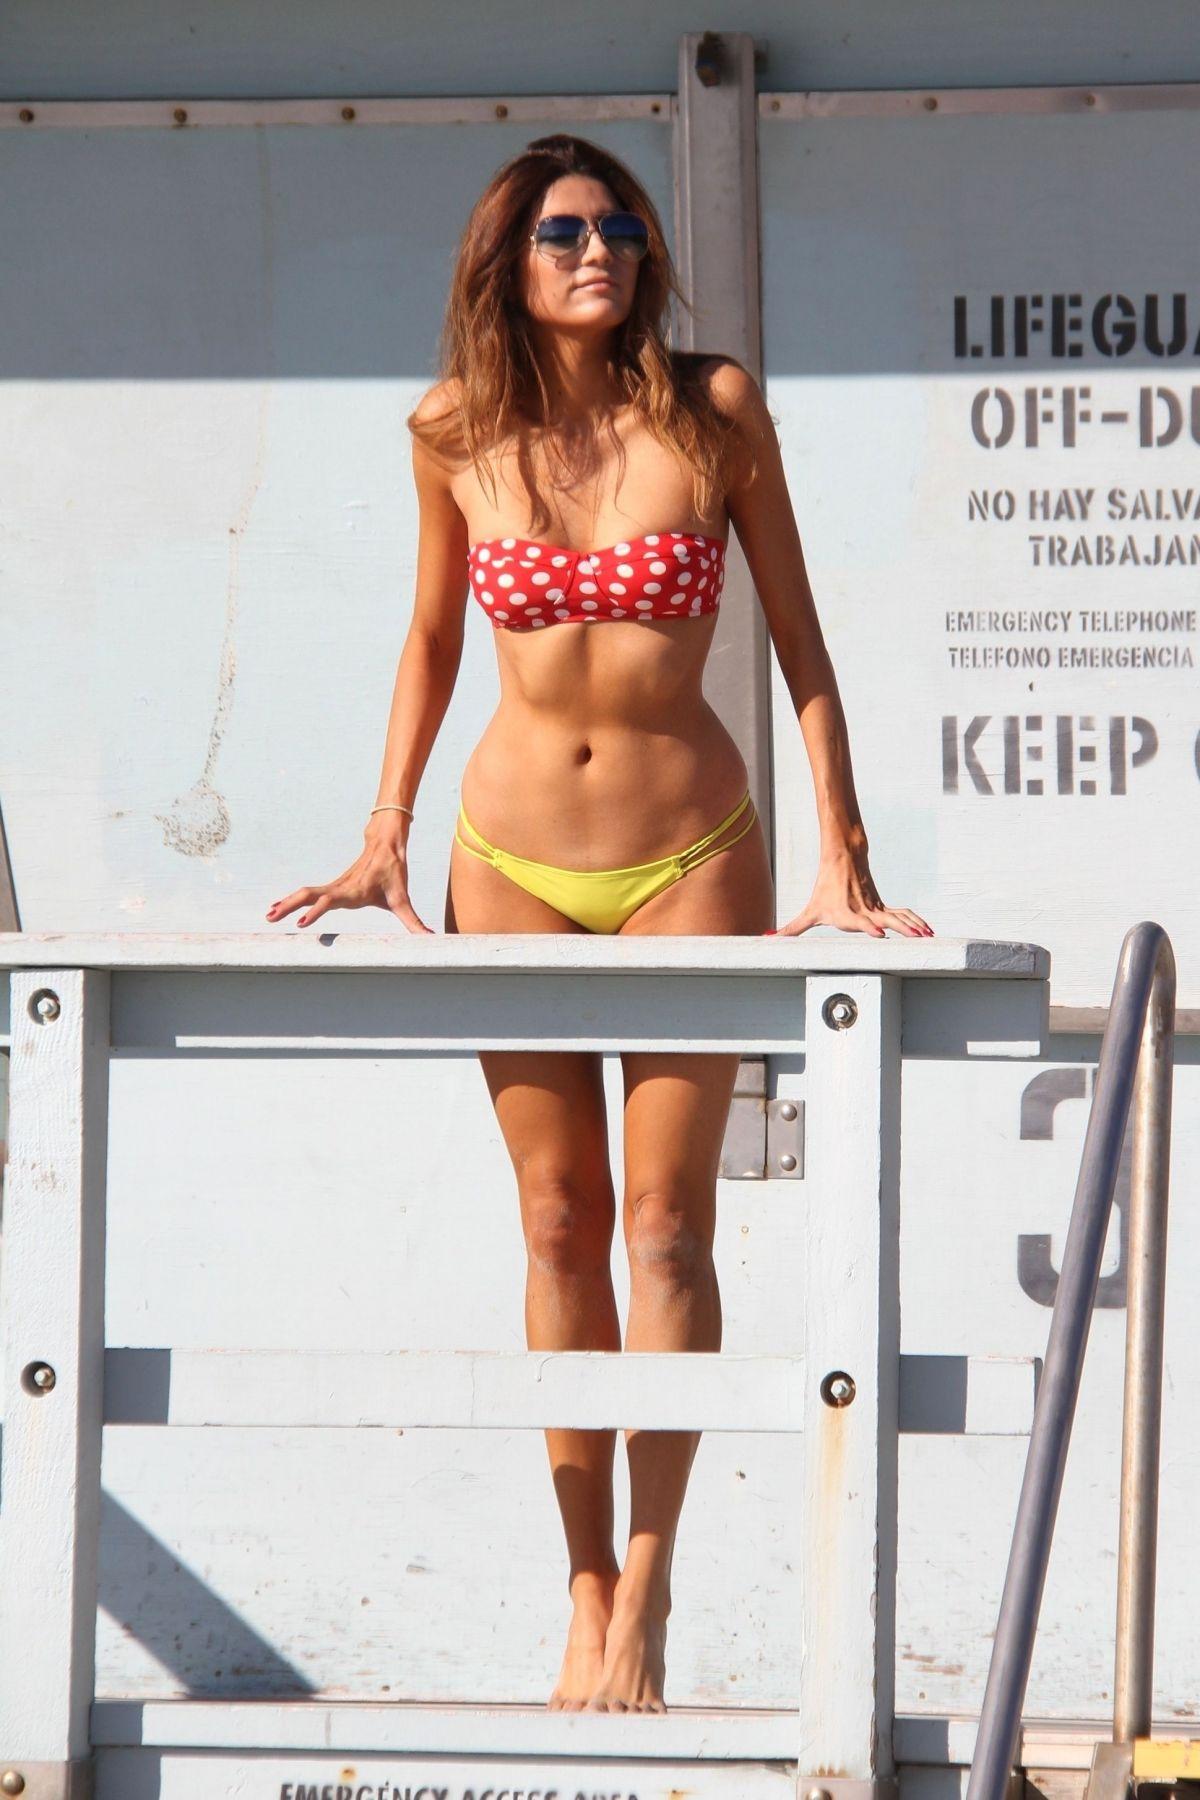 nudes (72 photos), Selfie Celebrity image